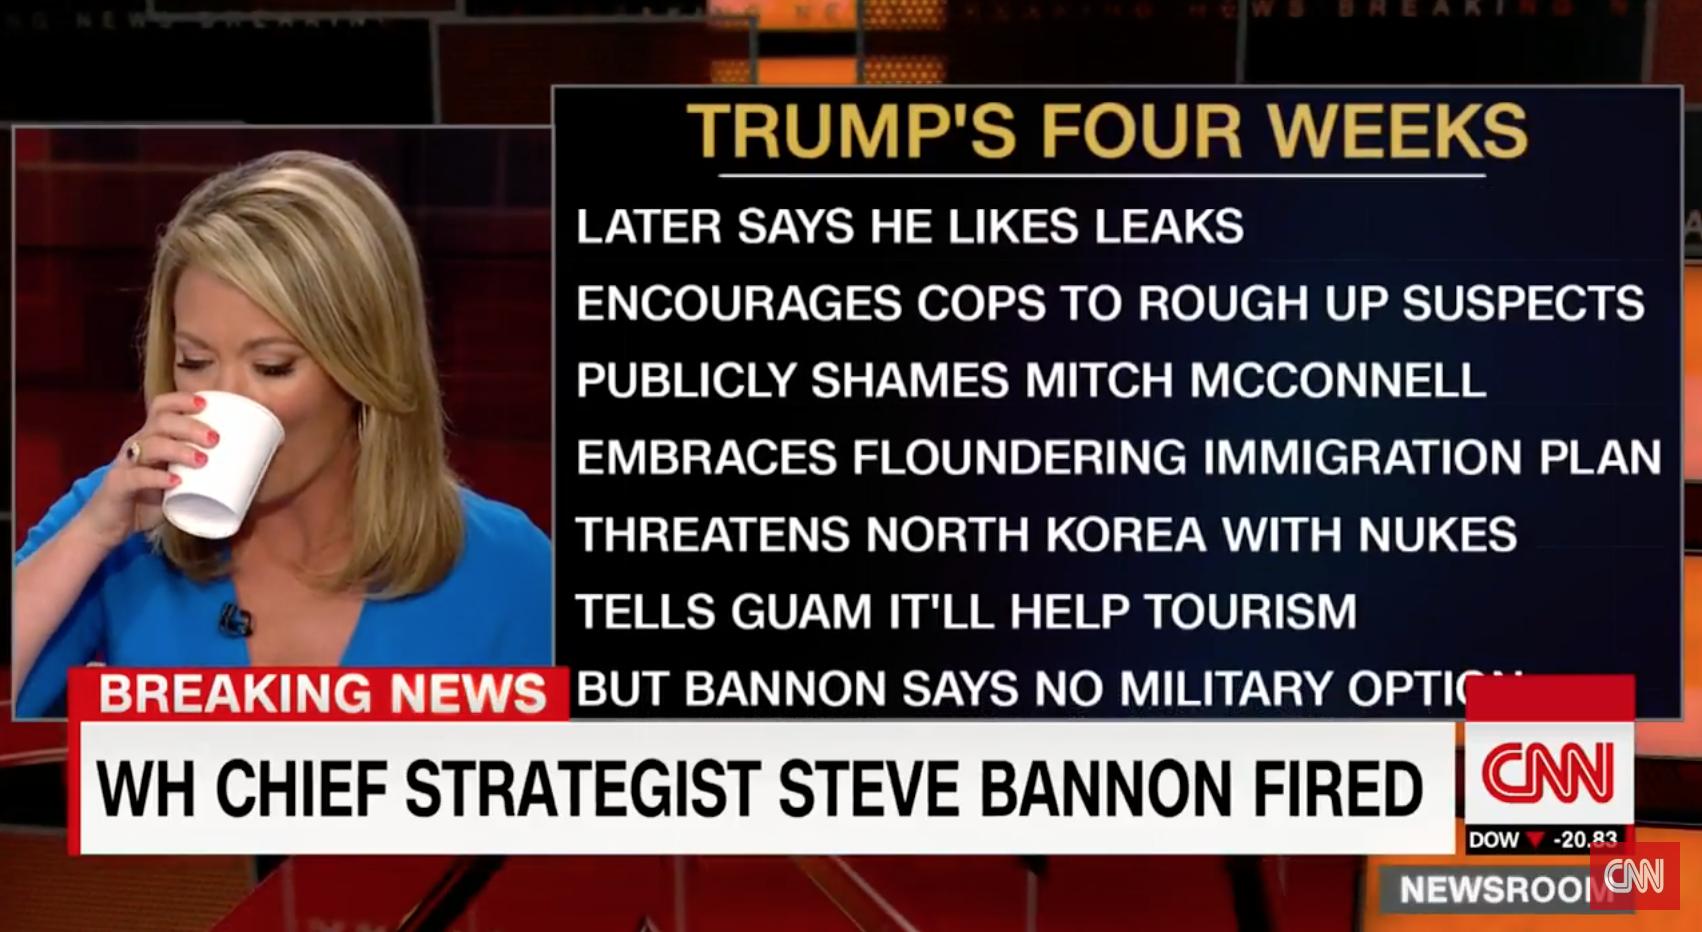 YouTube/CNN